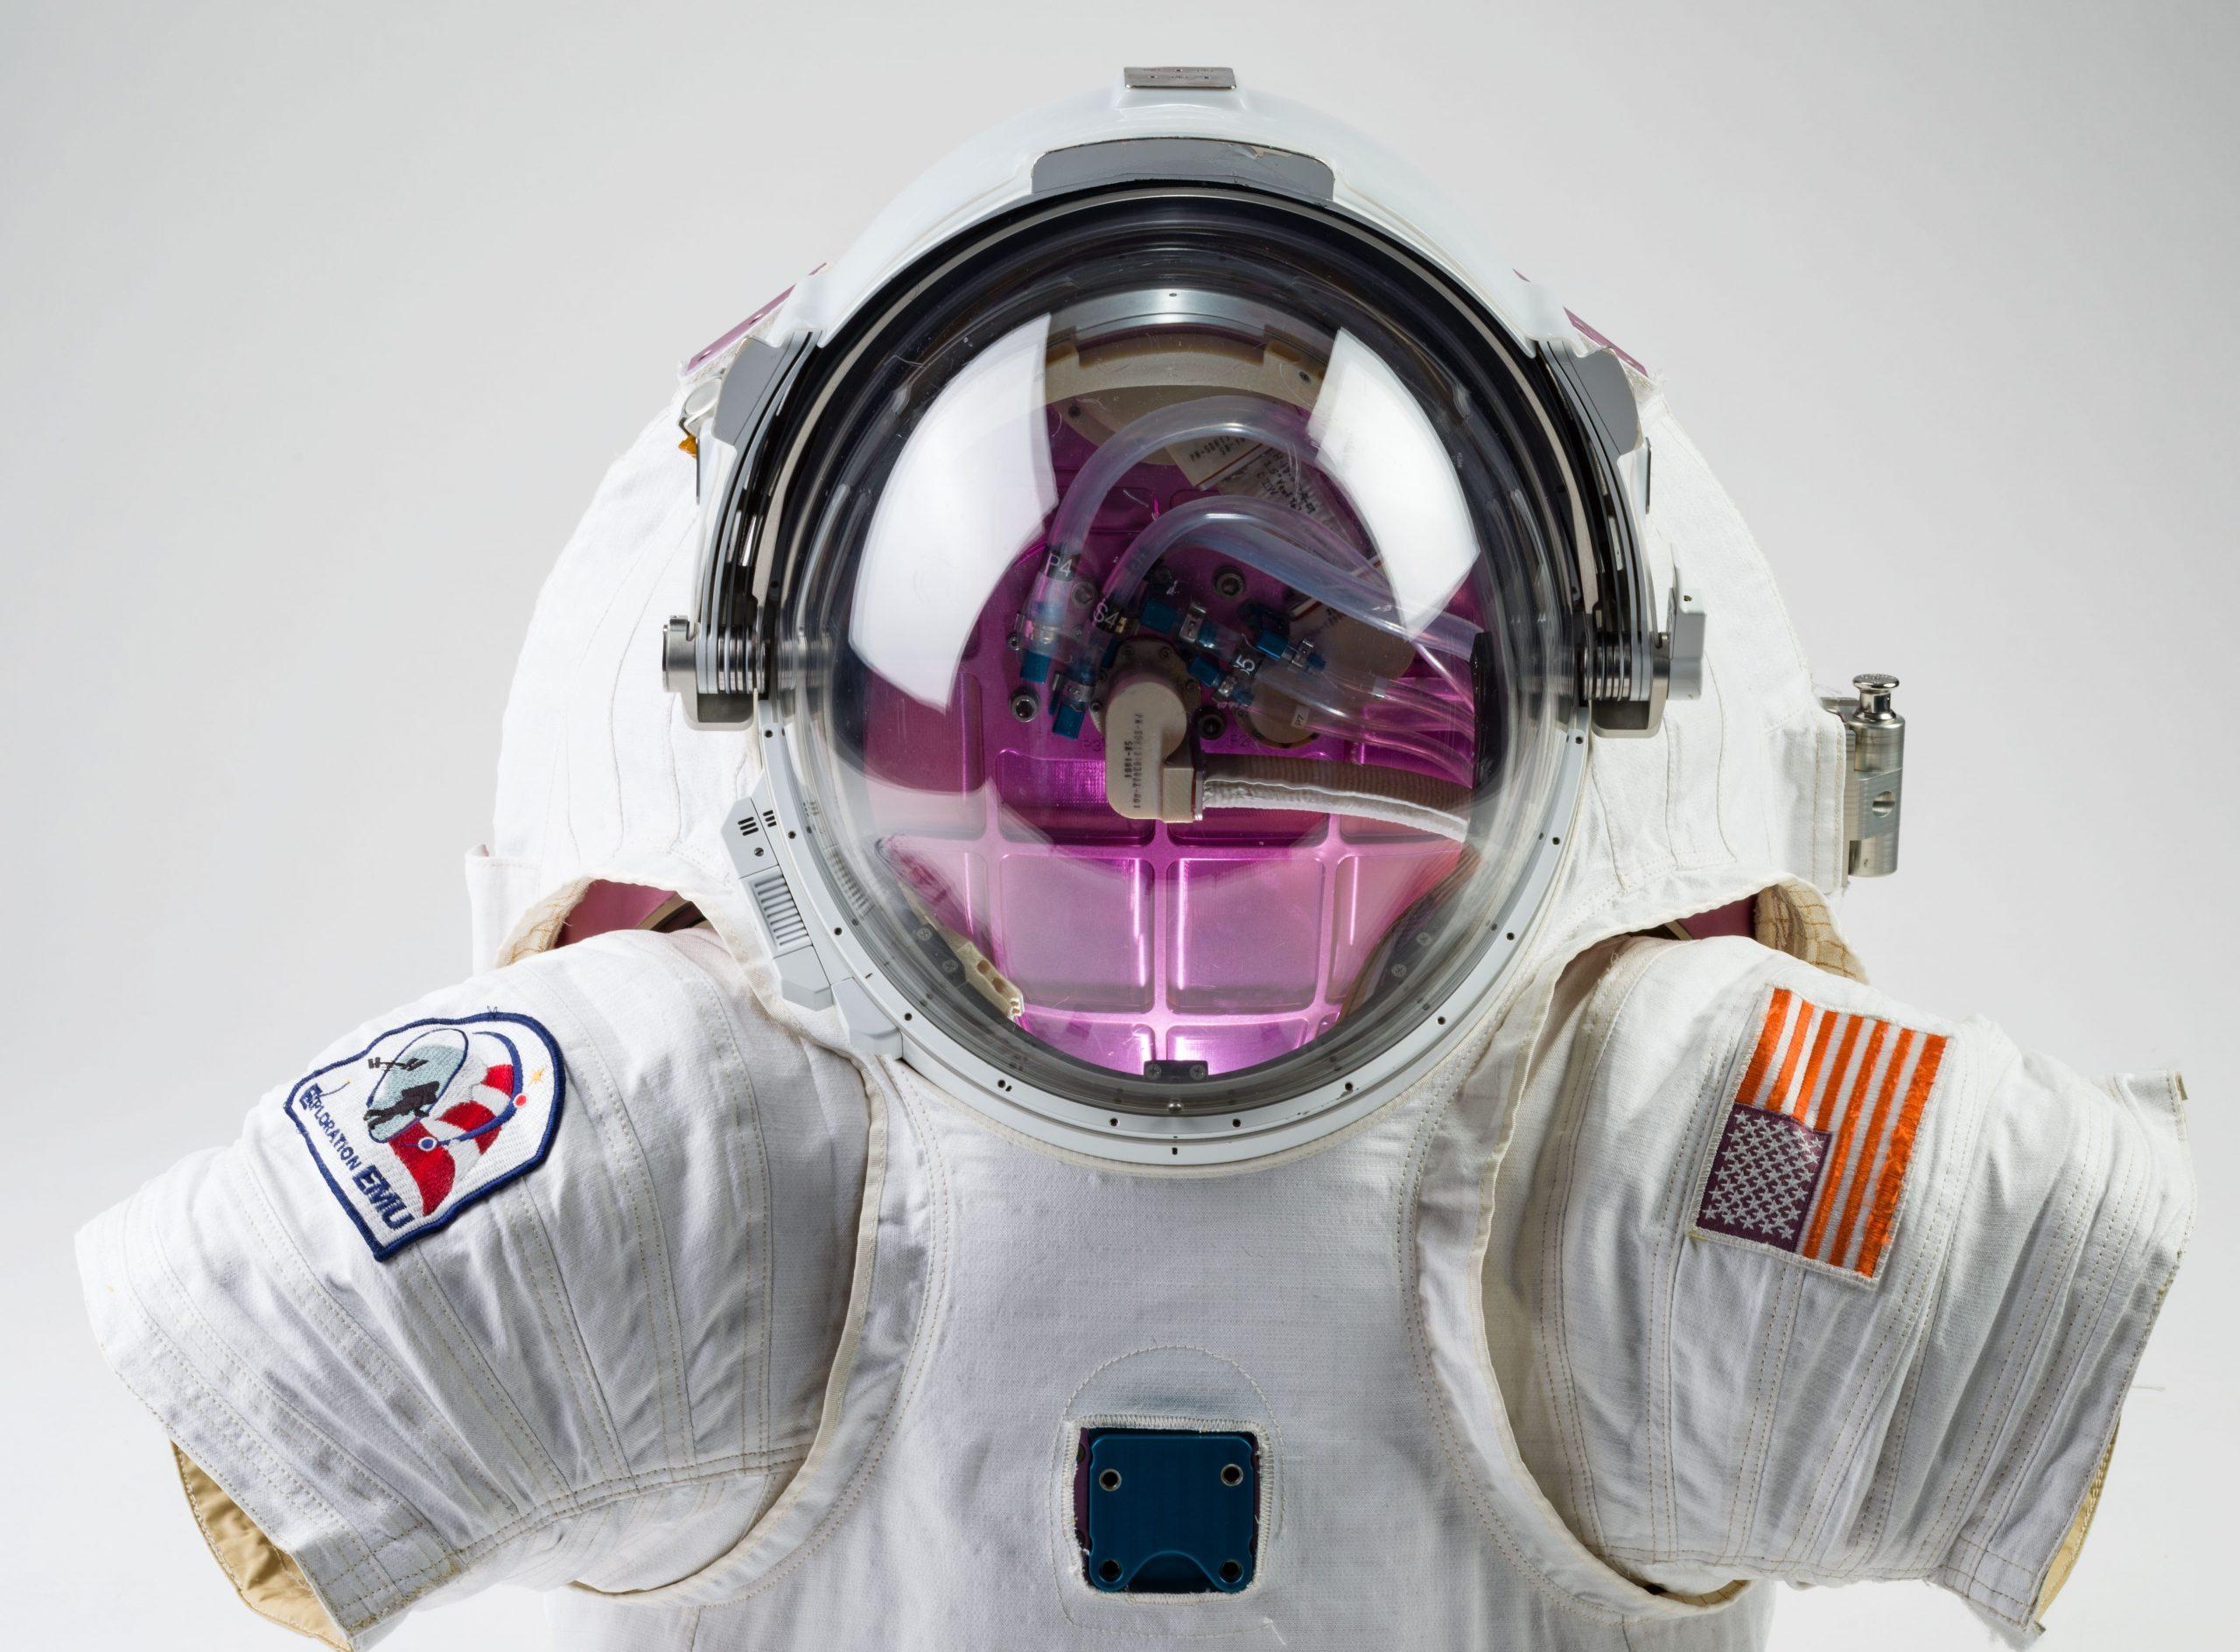 アルテミス計画を支える 「宇宙服」のイノベーション